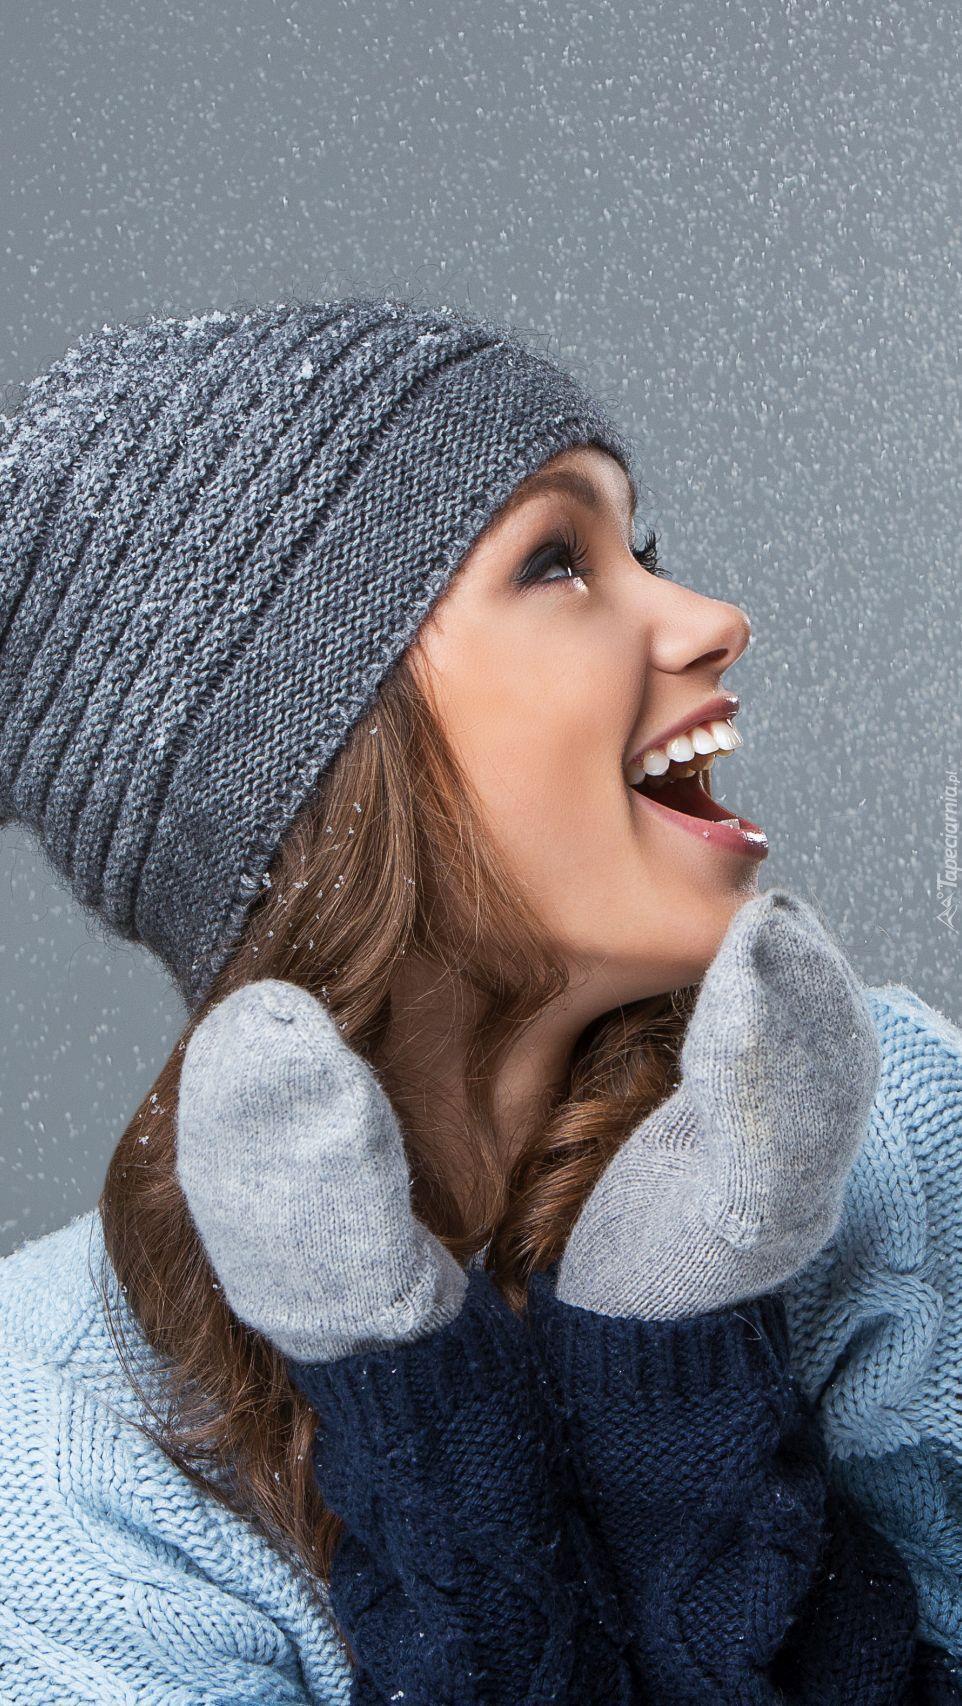 Uśmiechnięta dziewczyna w czapce i rękawiczkach